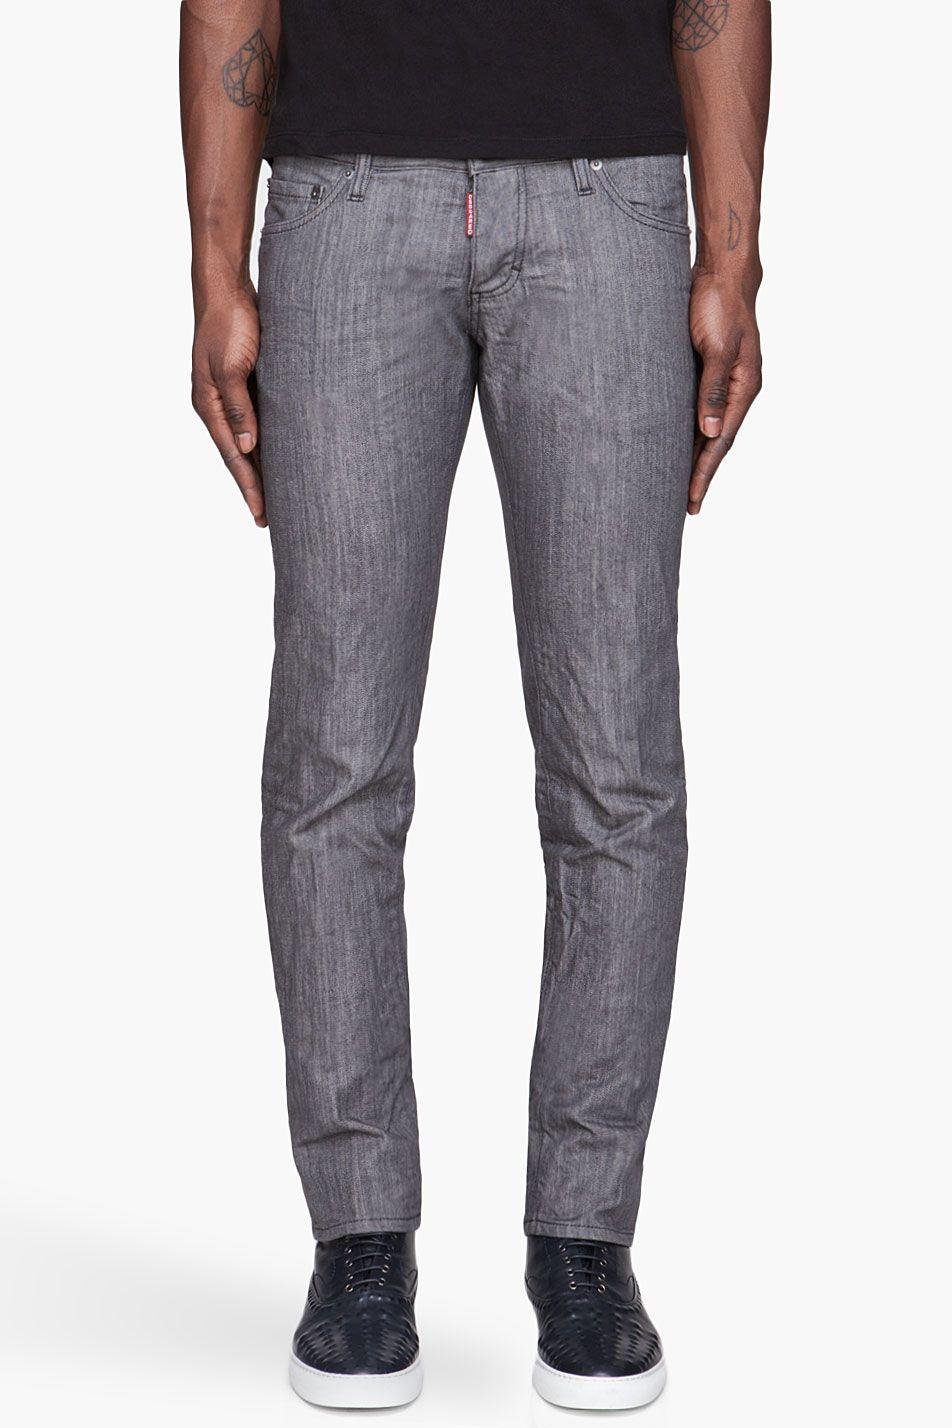 DSQUARED2 Grey 10oz. slim jeans